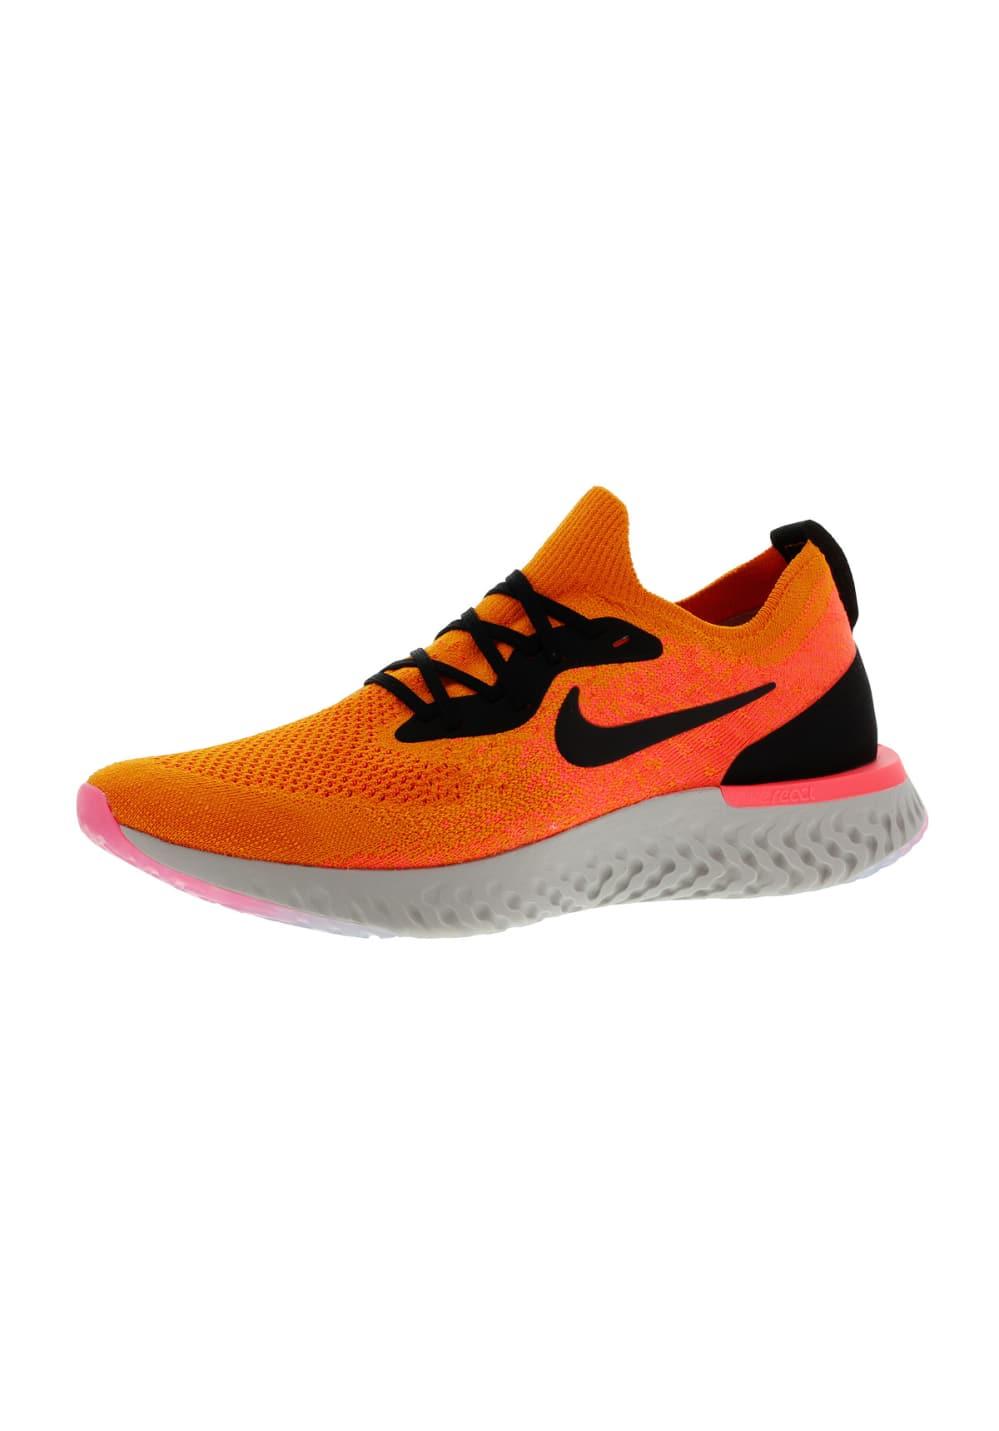 huge discount 306af cec53 Nike Odyssey React - Running shoes for Men - Orange